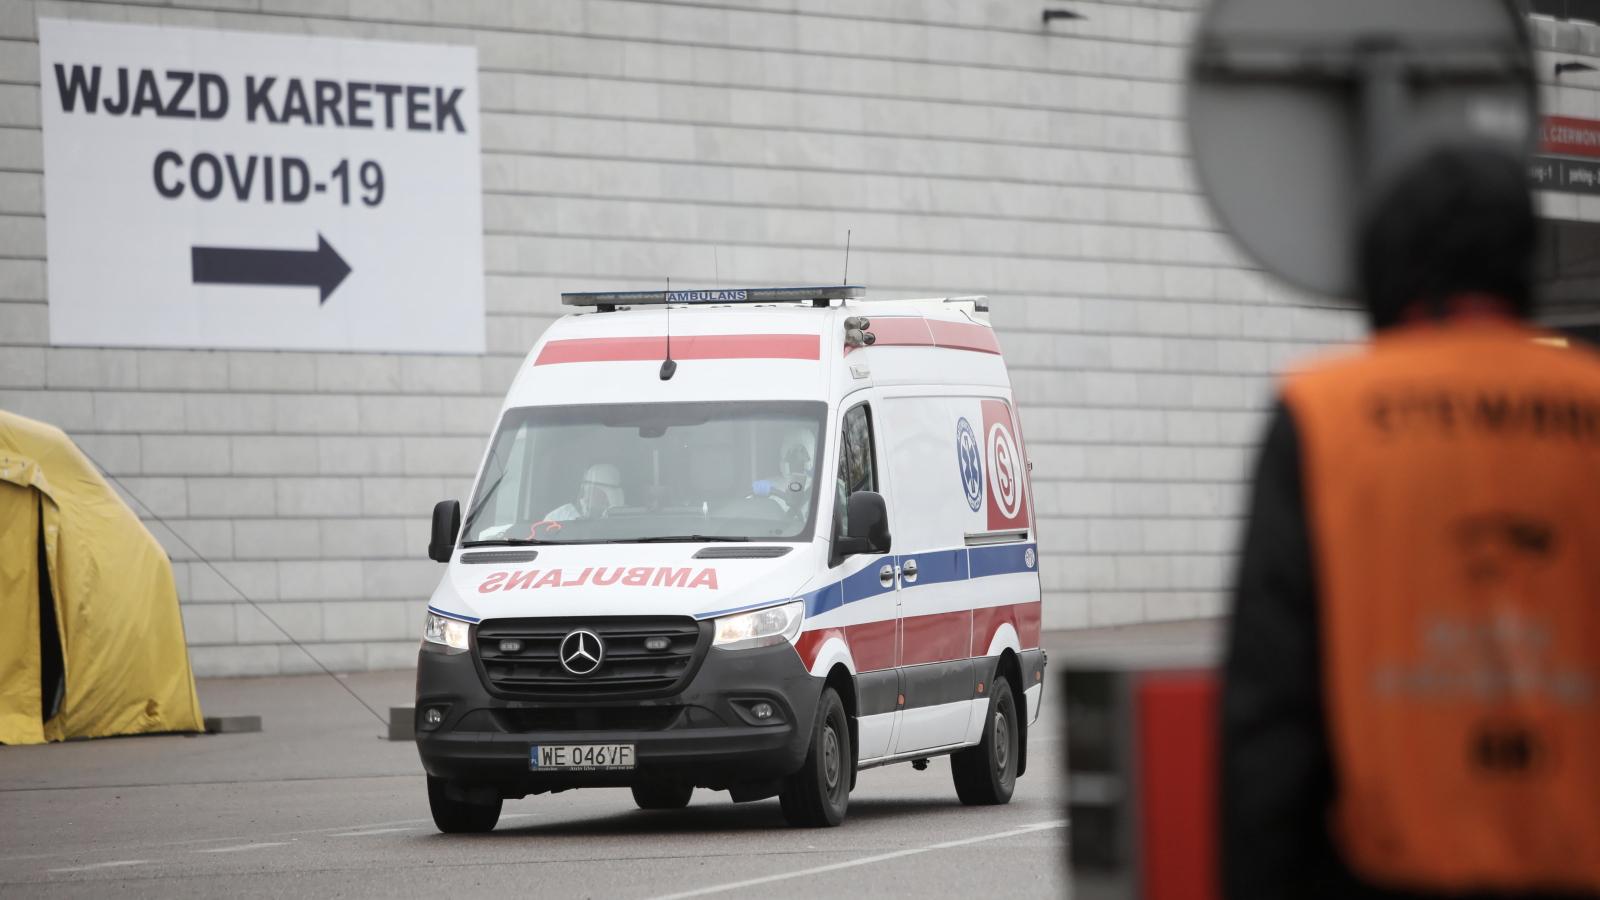 Ponad 27 tysięcy nowych zakażeń koronawirusem w Polsce. Szpitale mają problemy z zaopatrzeniem w tlen